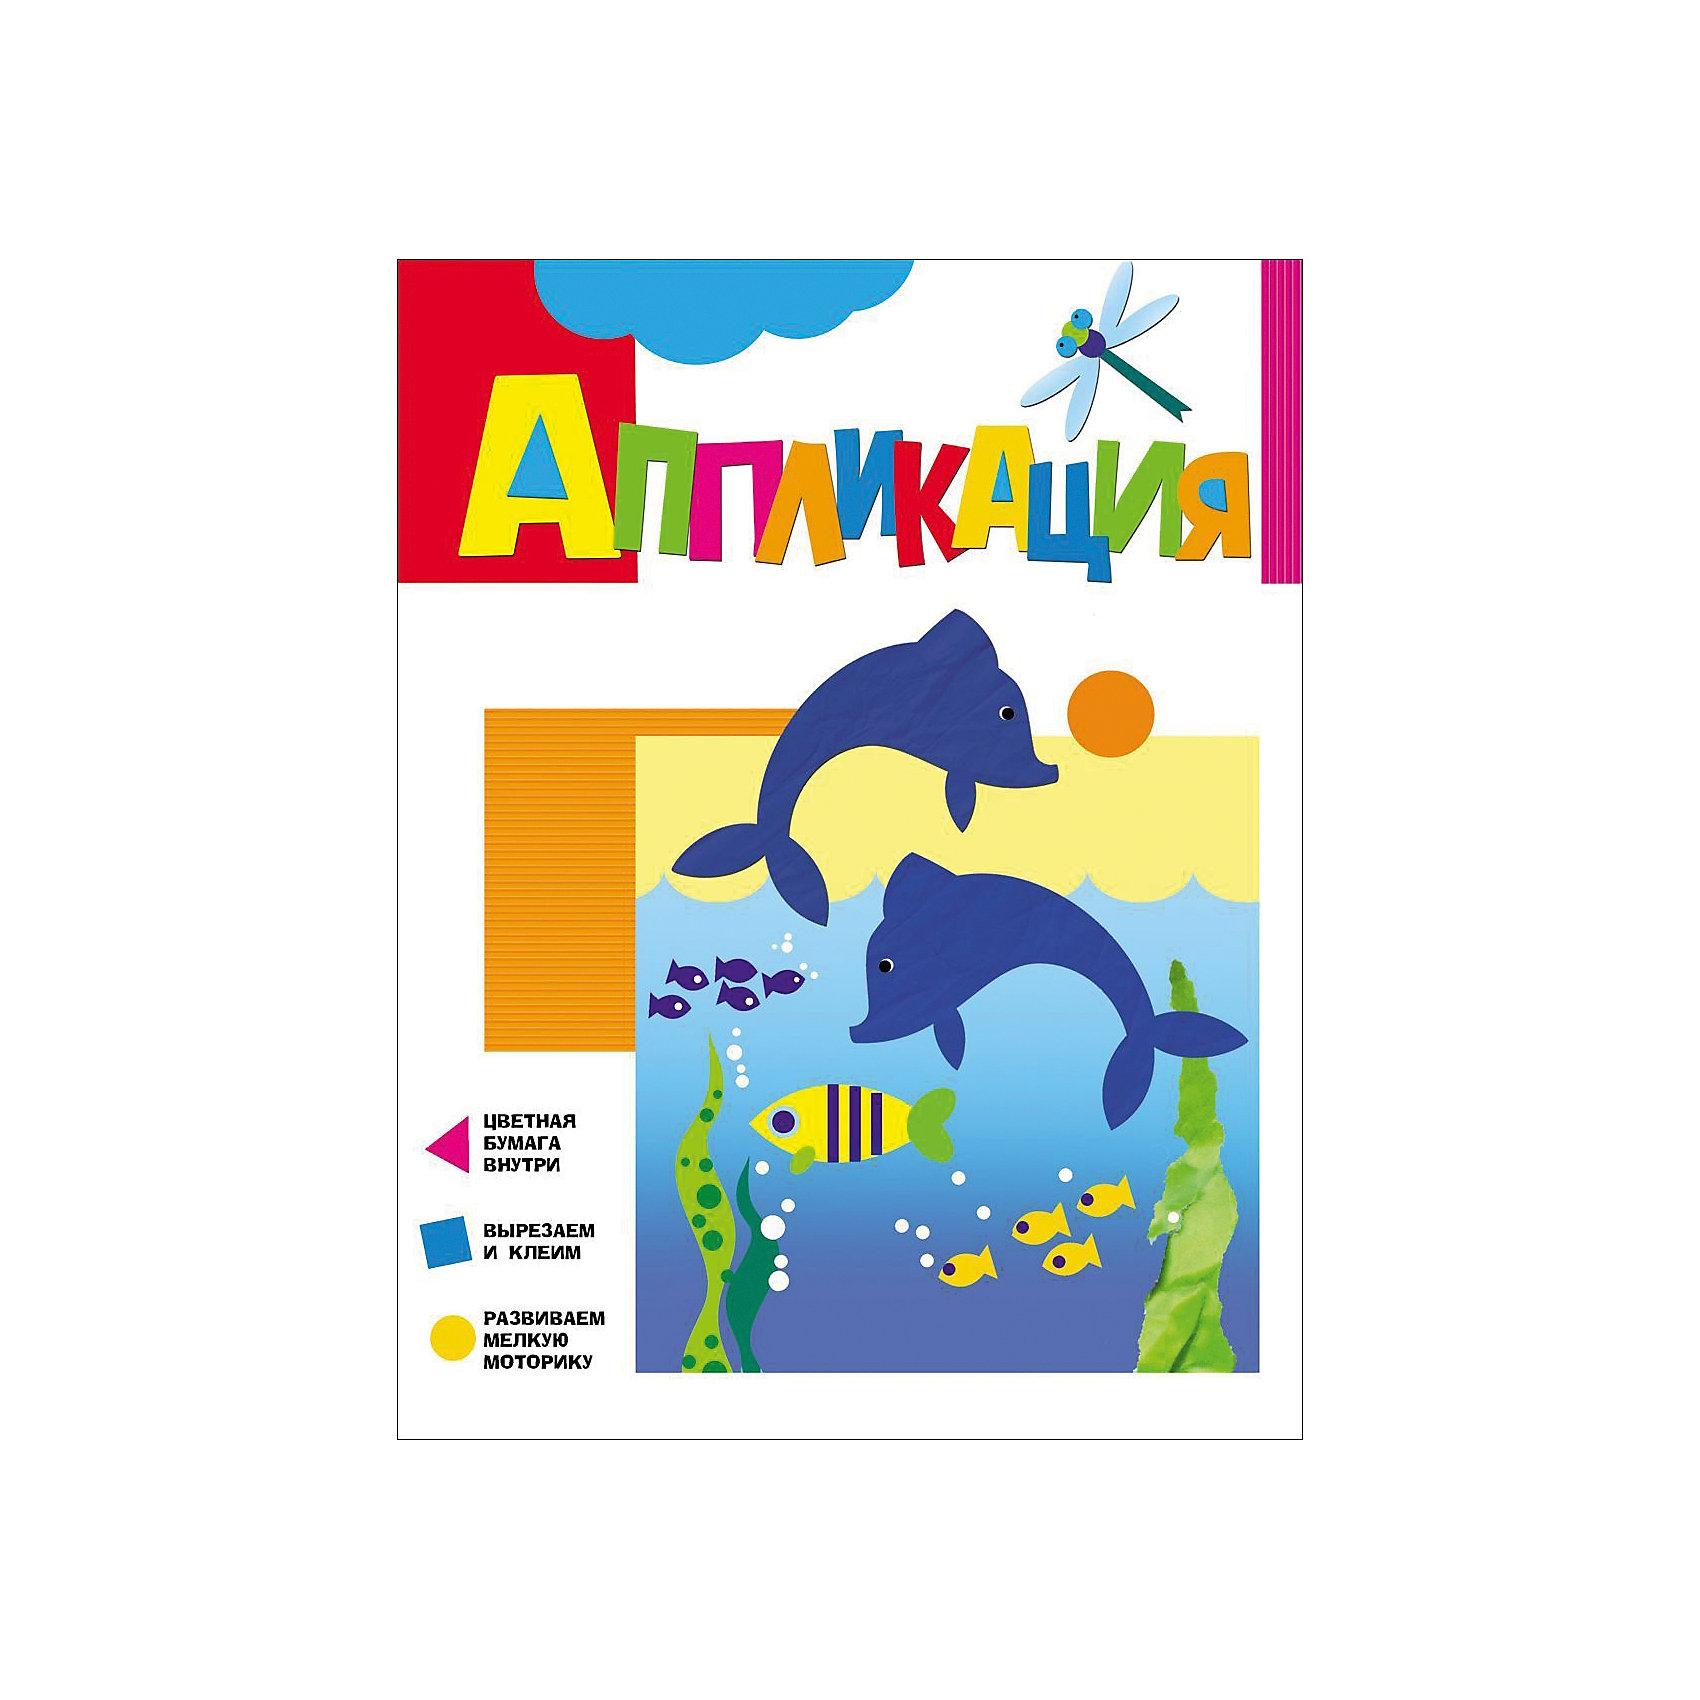 Аппликация. ДельфинчикиХарактеристики товара:<br><br>- цвет: разноцветный;<br>- материал: бумага;<br>- формат: 22 х 29 см;<br>- страниц: 16;<br>- обложка: мягкая.<br><br>Это издание станет отличным подарком для ребенка. Оно поможет малышу развить творческие навыки и весело провести время! Из цветной бумаги разных цветов ребенок может сложить рисунок. Сделать это несложно - есть проиллюстрированная инструкция! Цветная бумага прилагается.<br>Такое занятие помогает ребенку развивать зрительную память, концентрацию внимания и воображение. Издание произведено из качественных материалов, которые безопасны даже для самых маленьких.<br><br>Издание Аппликация. Дельфинчики от компании Росмэн можно купить в нашем интернет-магазине.<br><br>Ширина мм: 275<br>Глубина мм: 210<br>Высота мм: 3<br>Вес г: 74<br>Возраст от месяцев: 36<br>Возраст до месяцев: 72<br>Пол: Унисекс<br>Возраст: Детский<br>SKU: 5110137